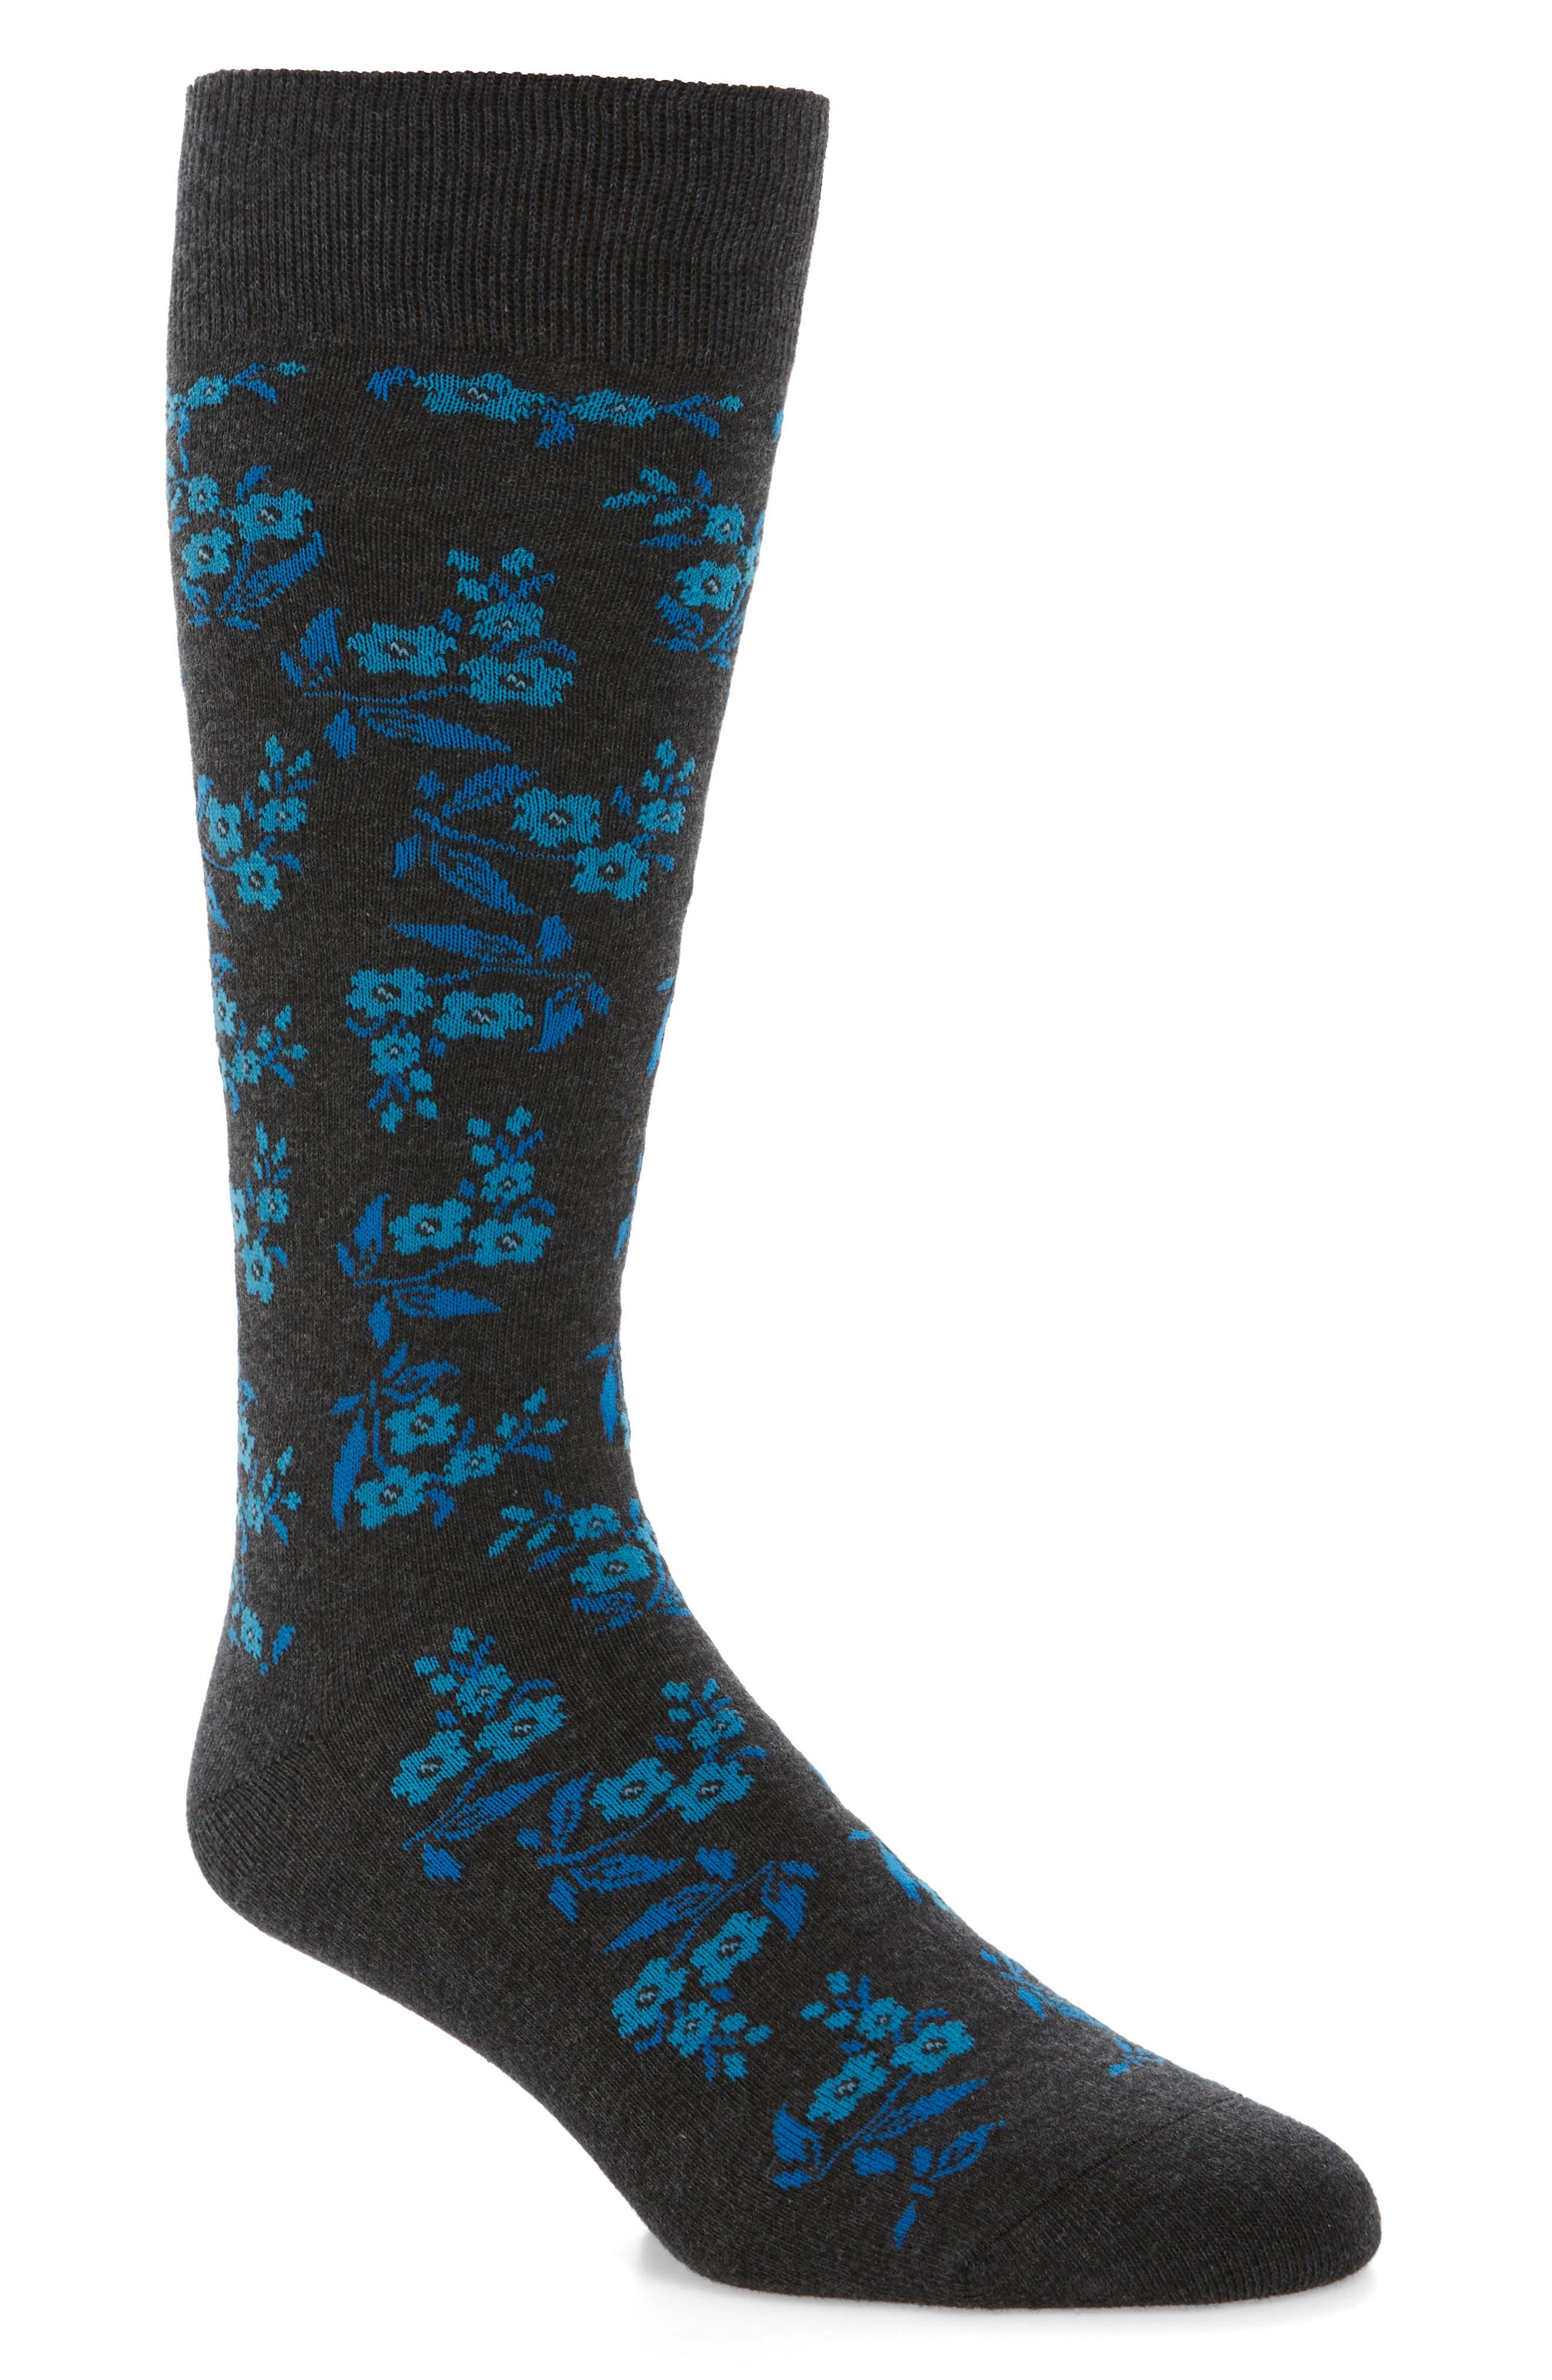 Calibrate Floral Socks